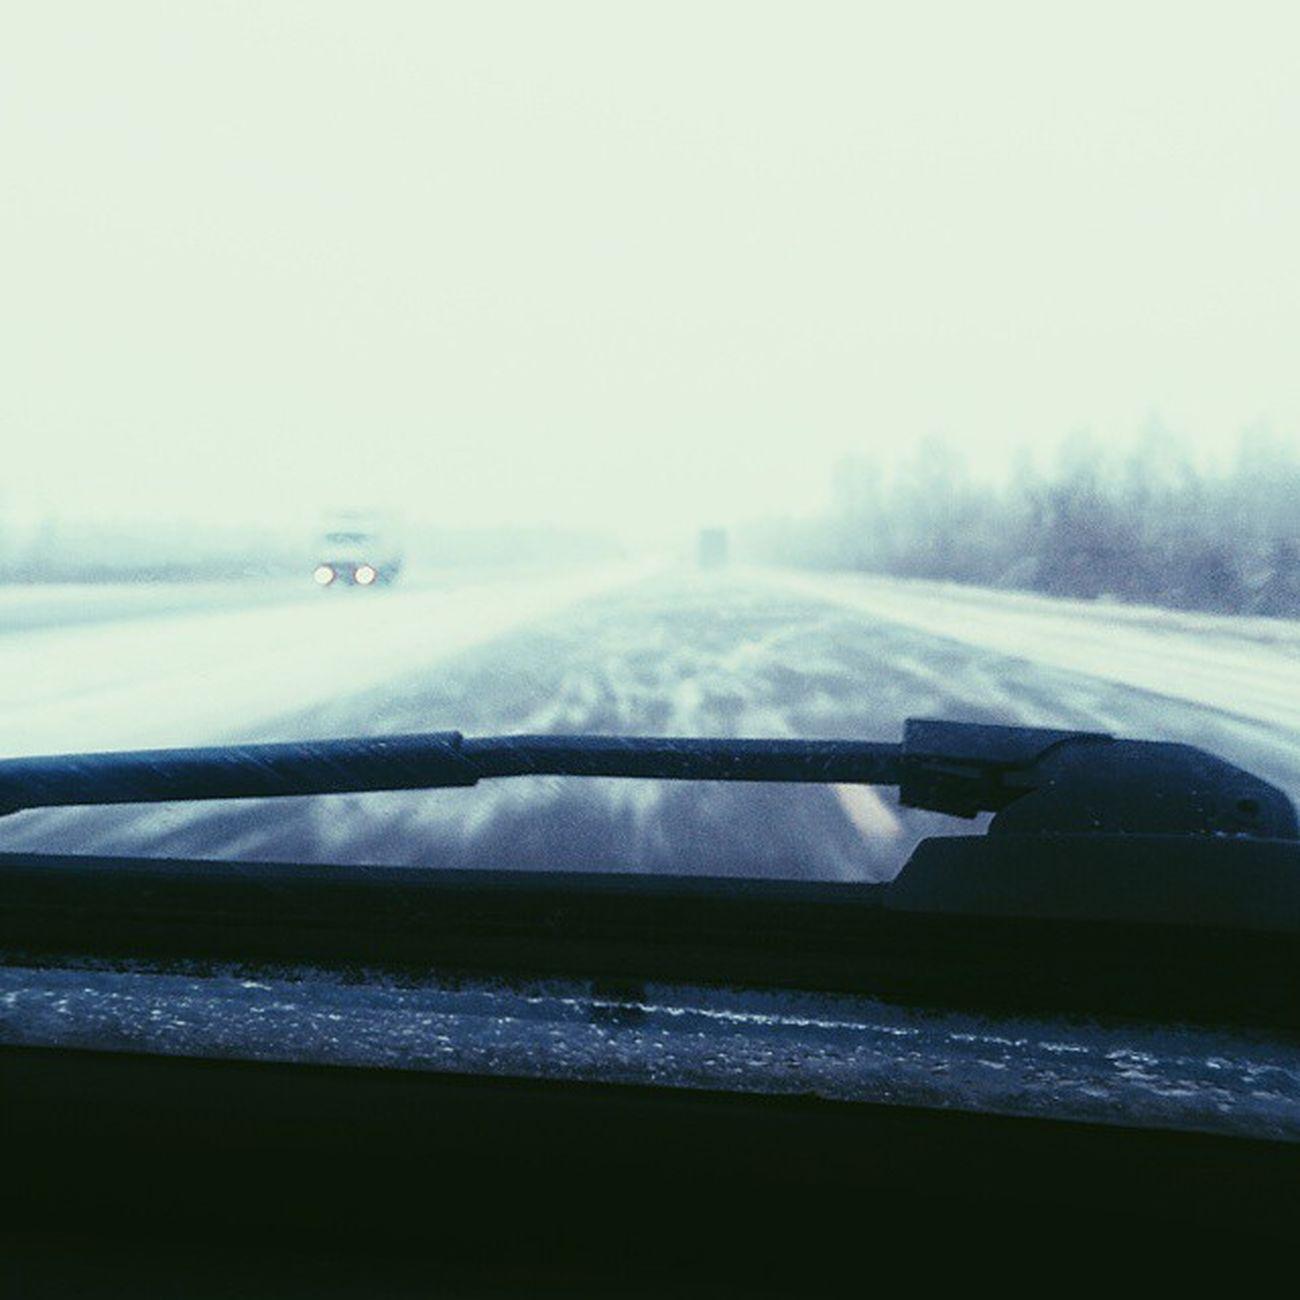 Путь,дорога,белая мгла... Snow мгла Авто трасса cars haze fog drive дорога